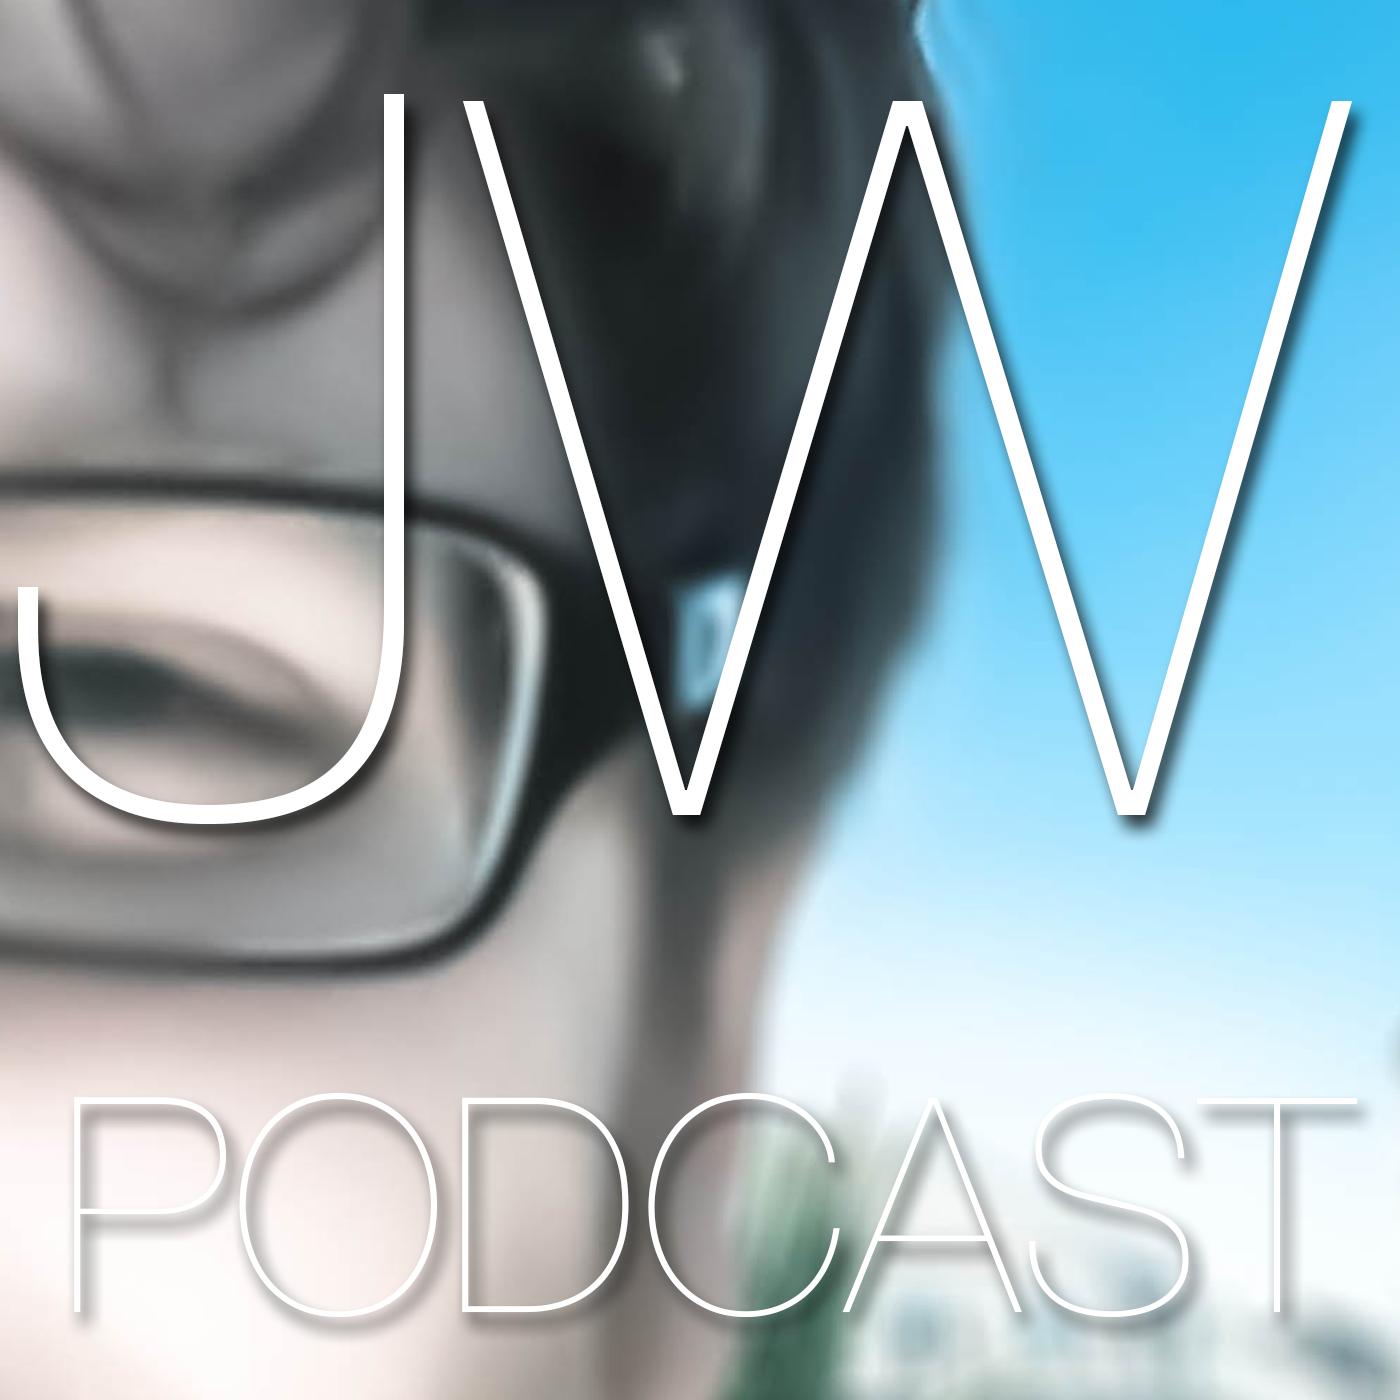 Jeremy Words Podcast - Jeremy Words